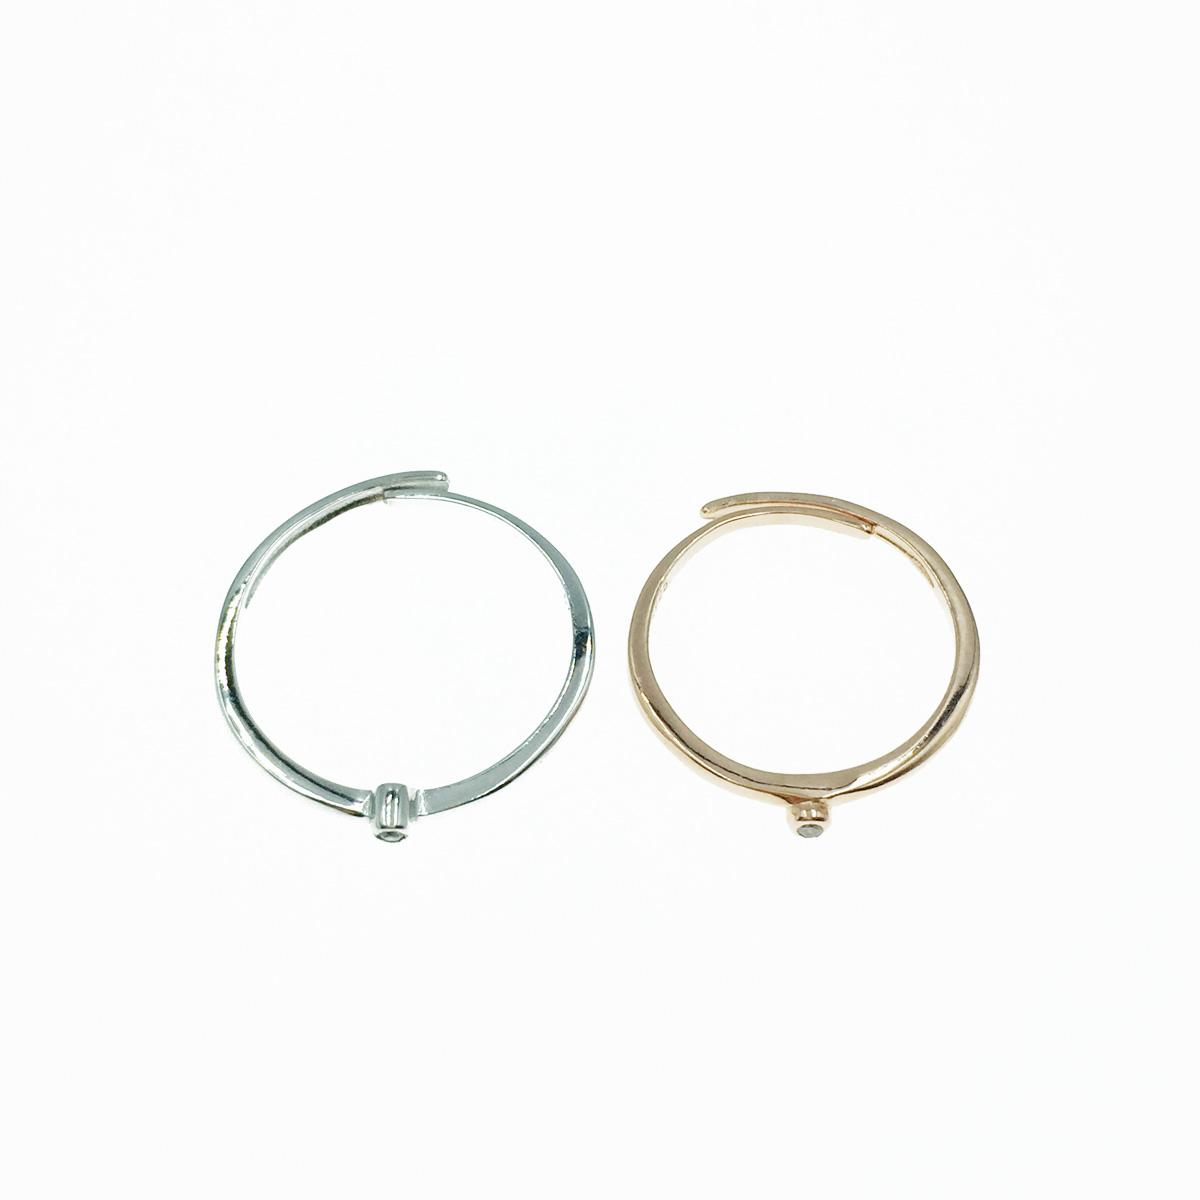 韓國 925純銀 水鑽 簡約款 玫瑰金 銀色 可調式 戒指